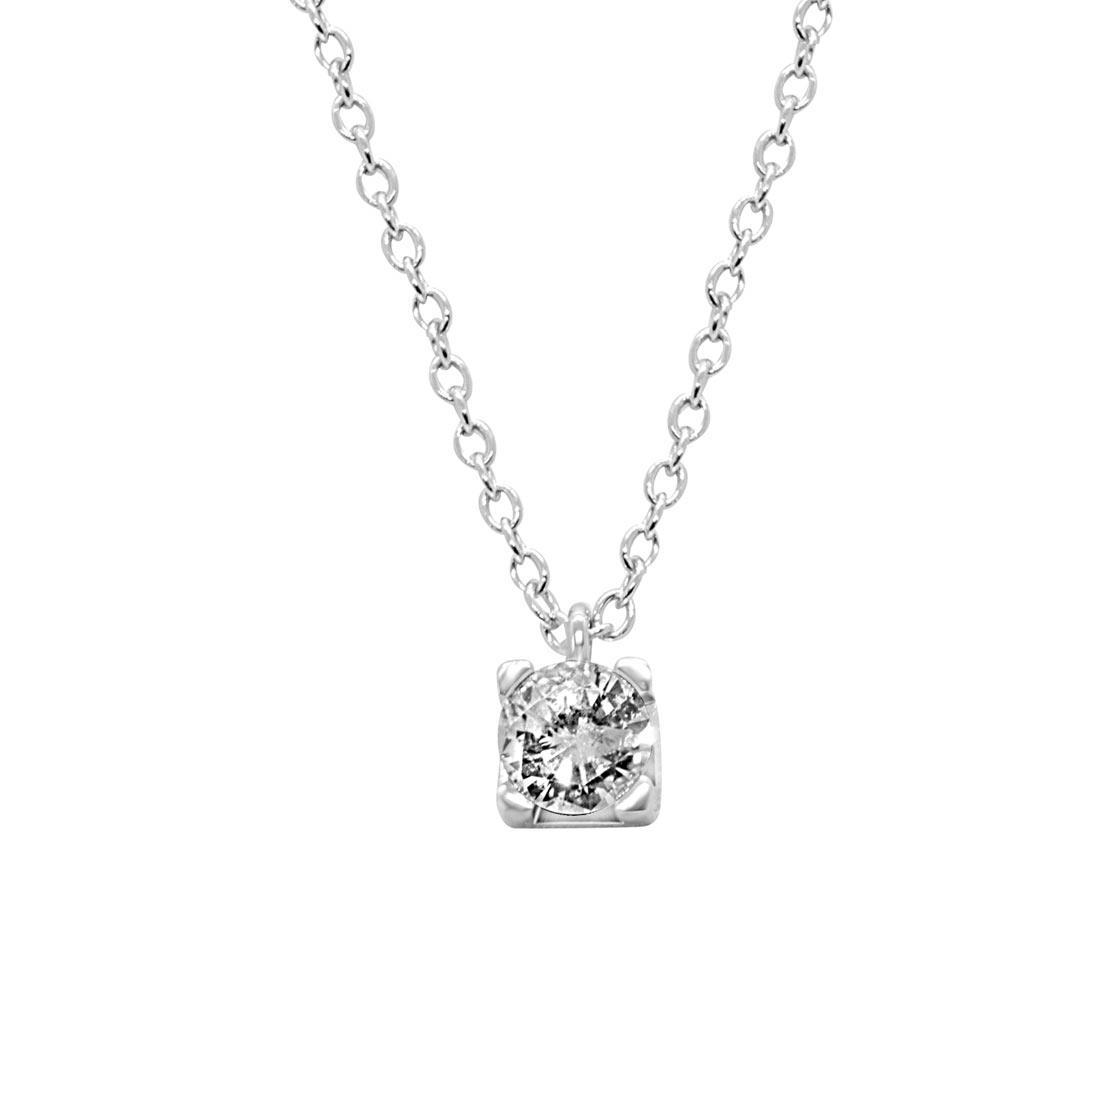 Collier punto luce in oro bianco con diamante 0,81 ct - ALFIERI ST JOHN